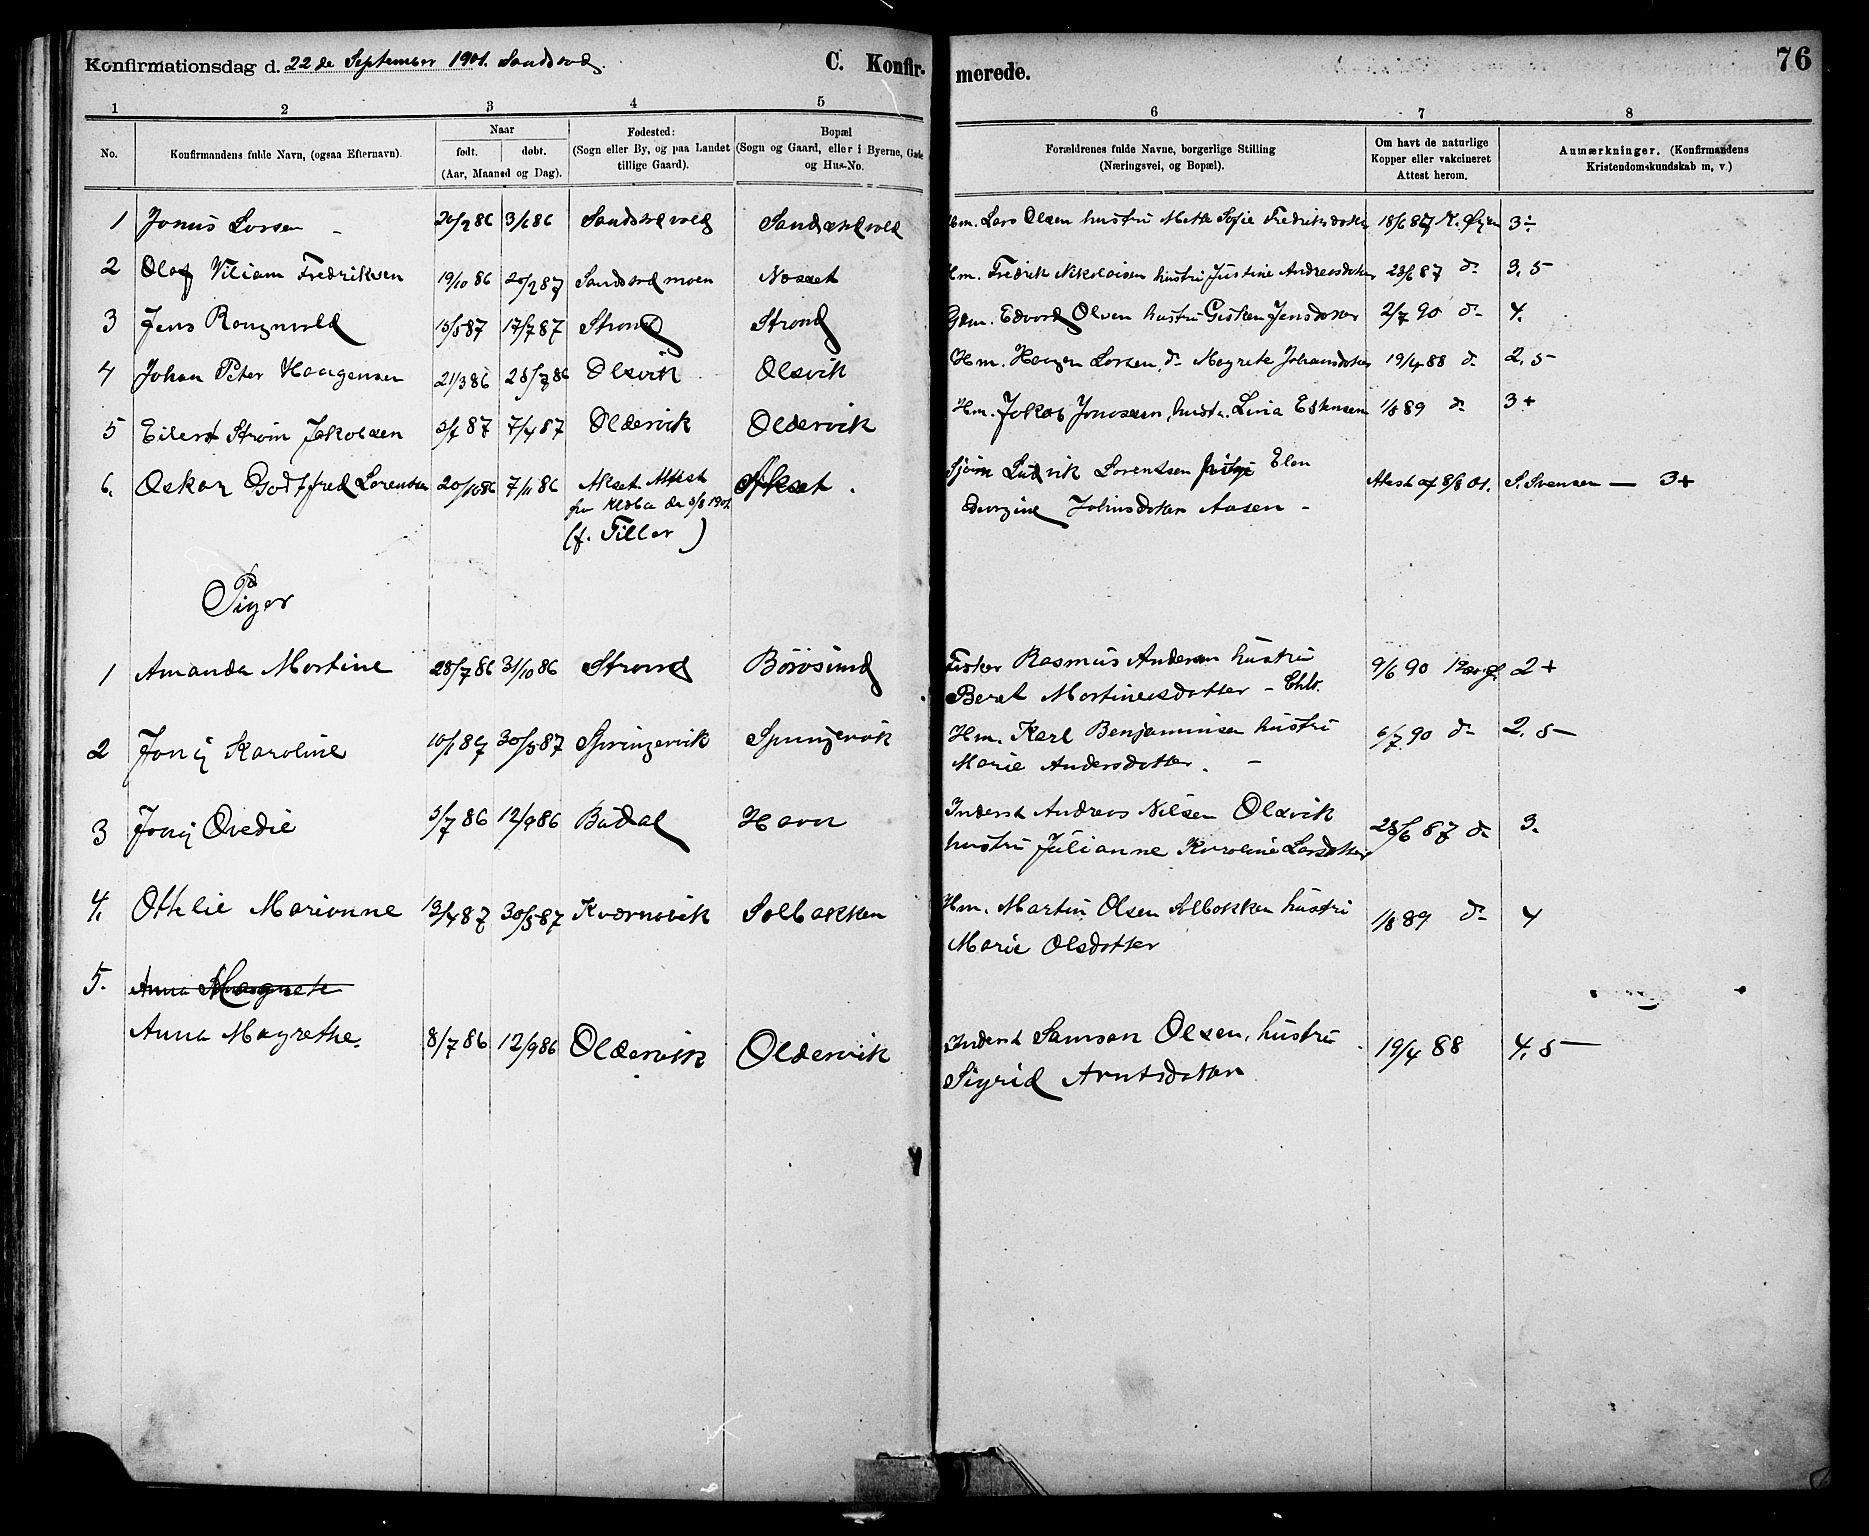 SAT, Ministerialprotokoller, klokkerbøker og fødselsregistre - Sør-Trøndelag, 639/L0573: Klokkerbok nr. 639C01, 1890-1905, s. 76